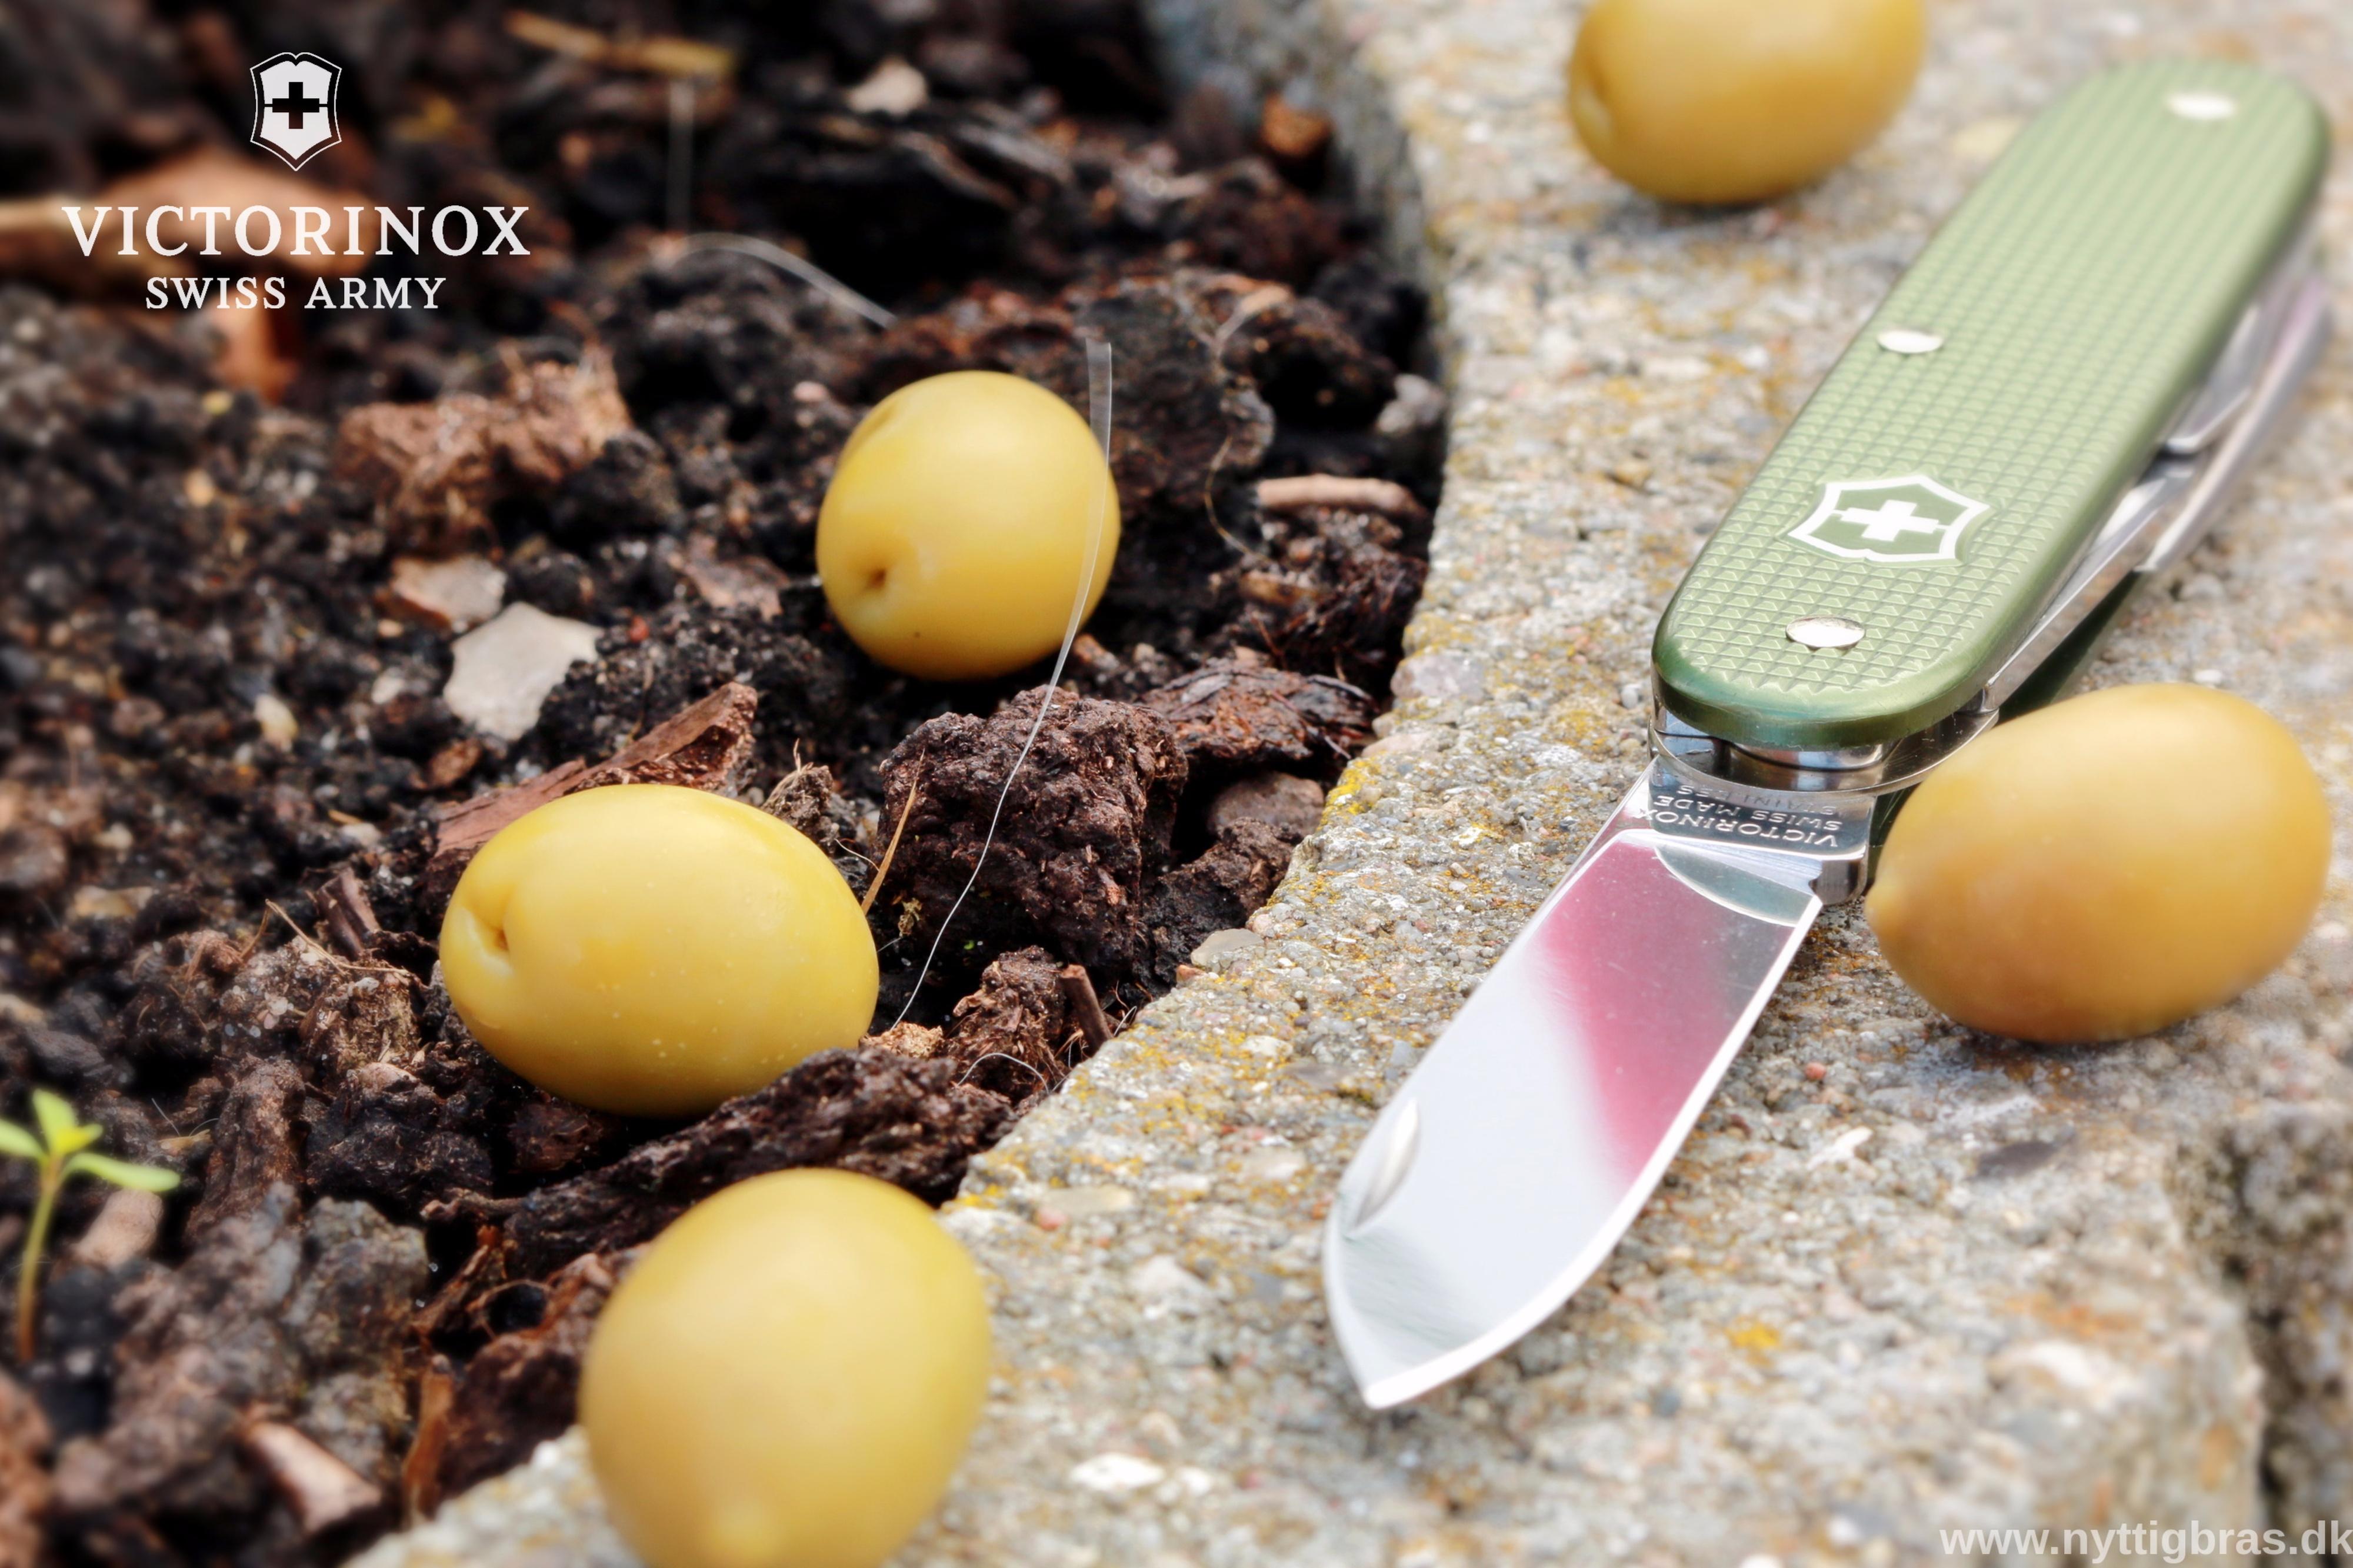 Portræt af Victorinox Lommekniv Pioneer Alox Limited Edition 2017 Olive med oliven